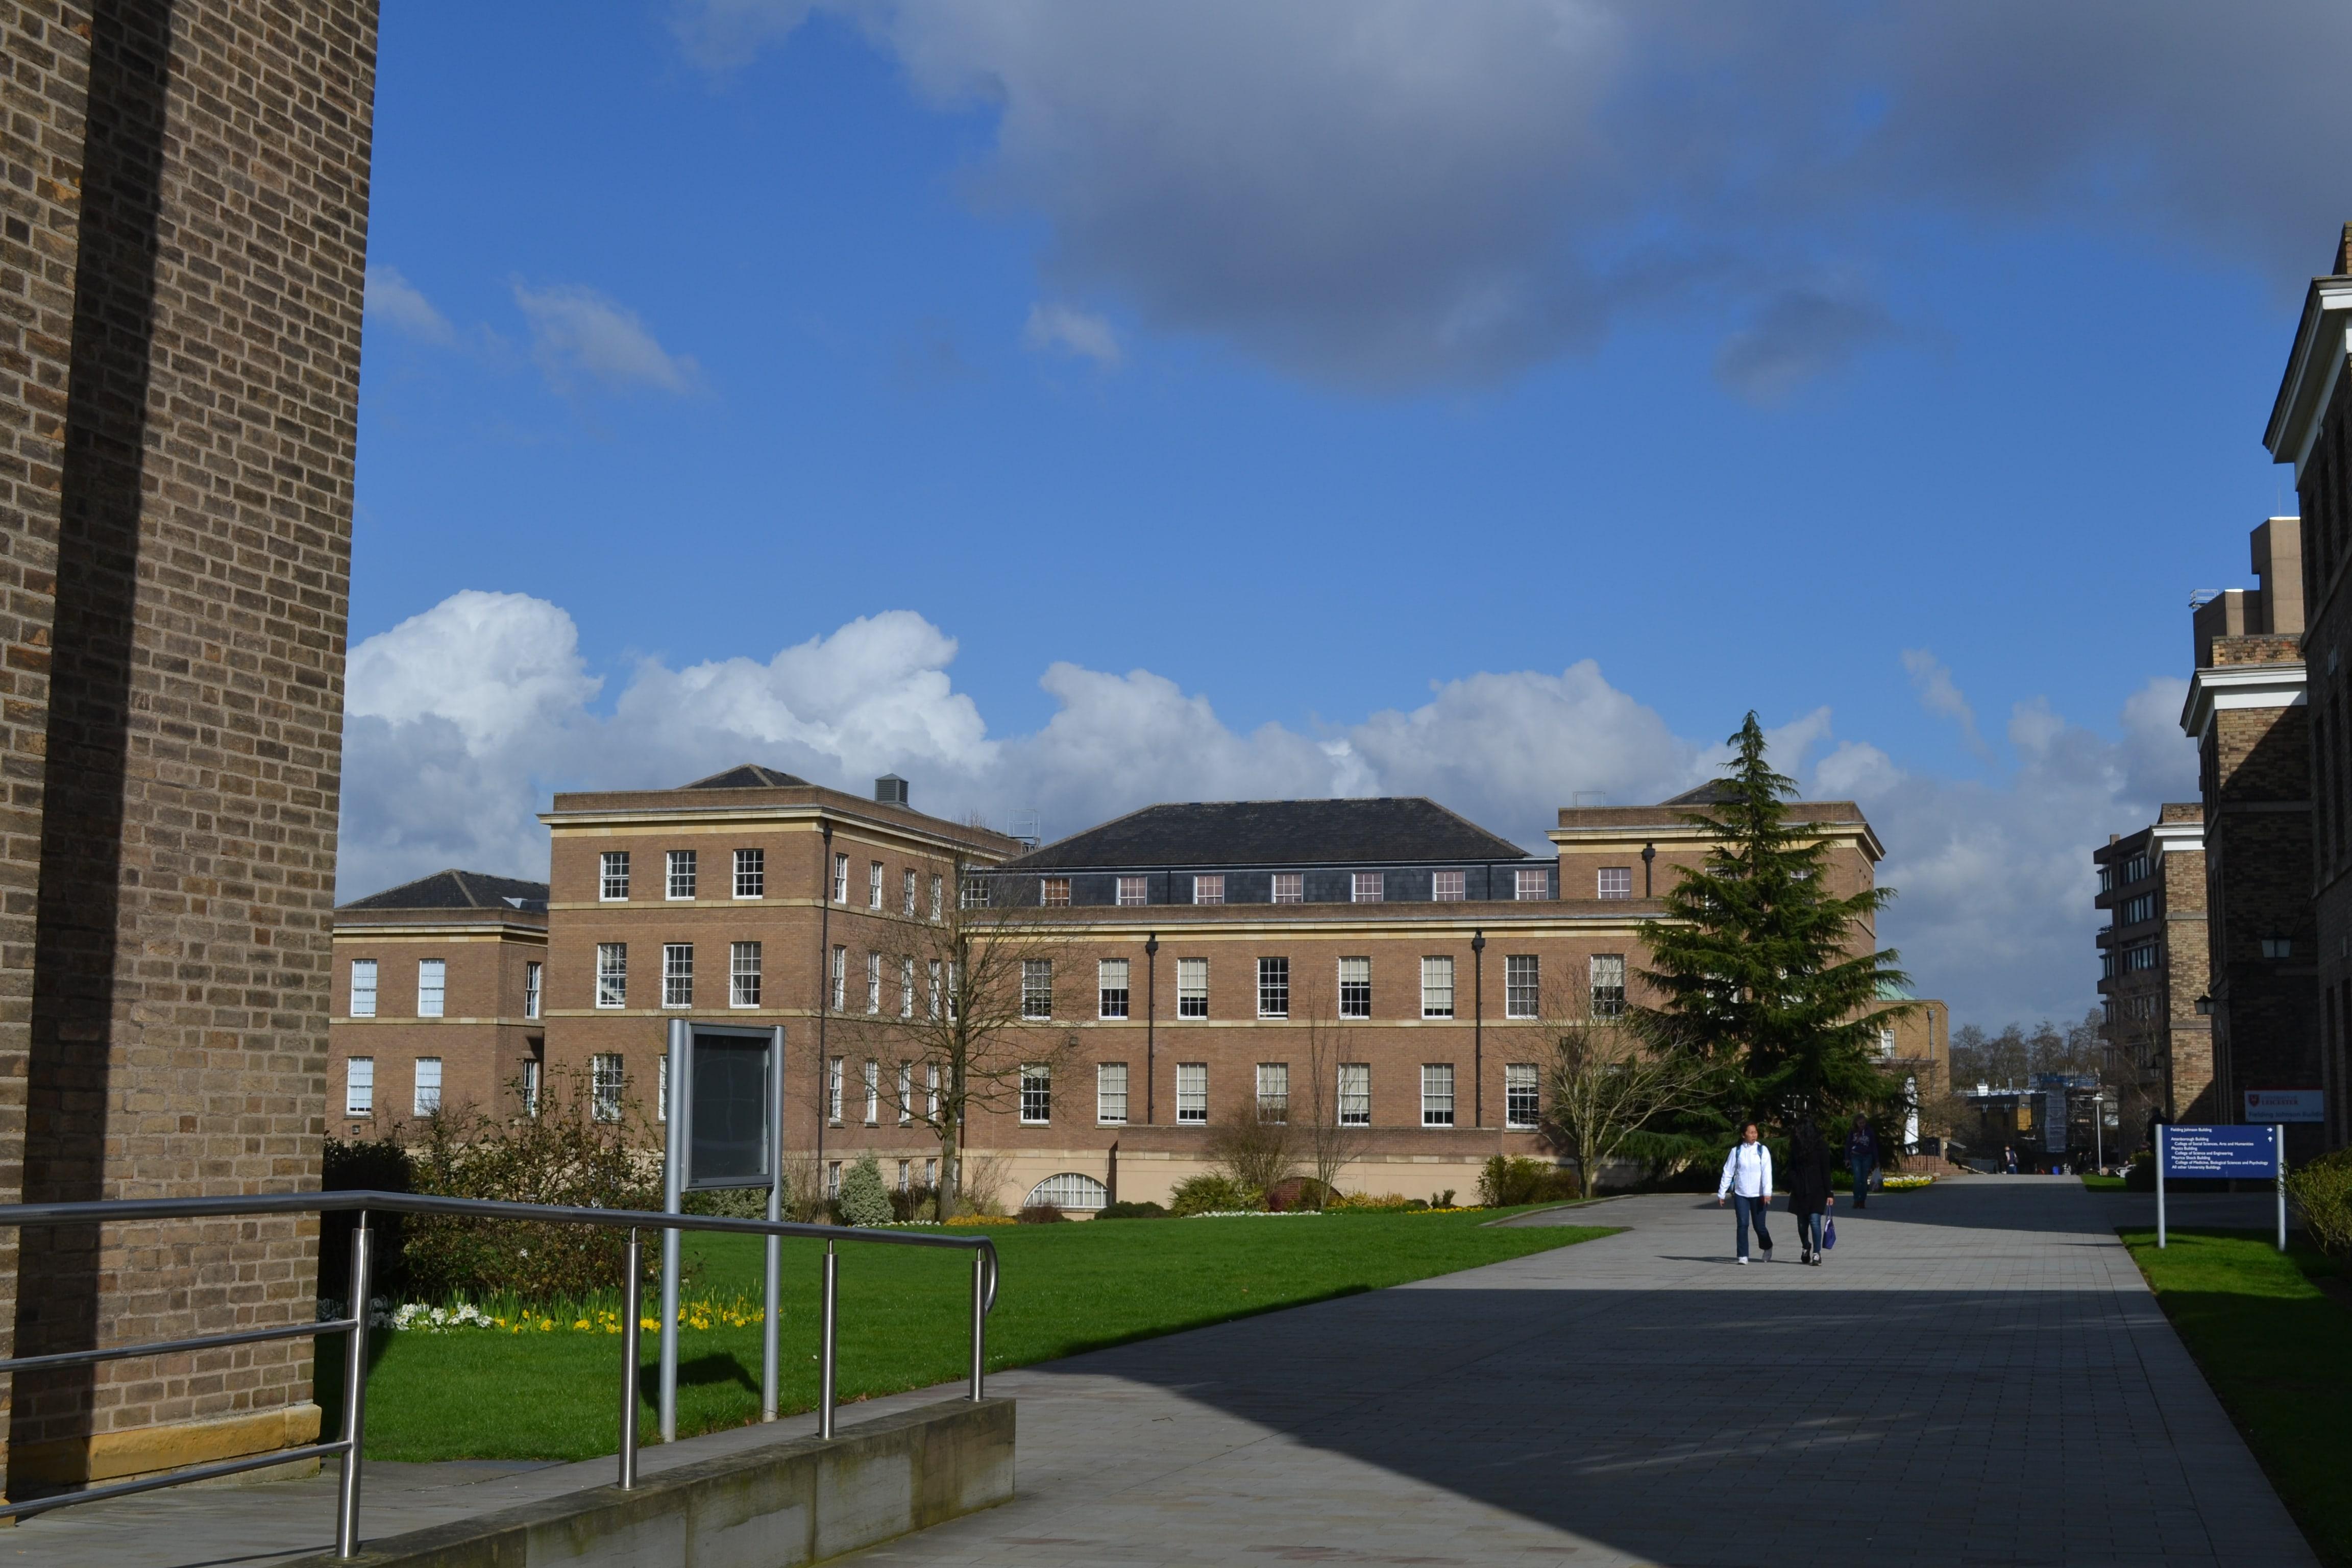 Самое старинное и знаменитое здание университета – Fielding Johnson Building. В этом здании студентом начитываются такие дисциплины как право, международные отношения и др.